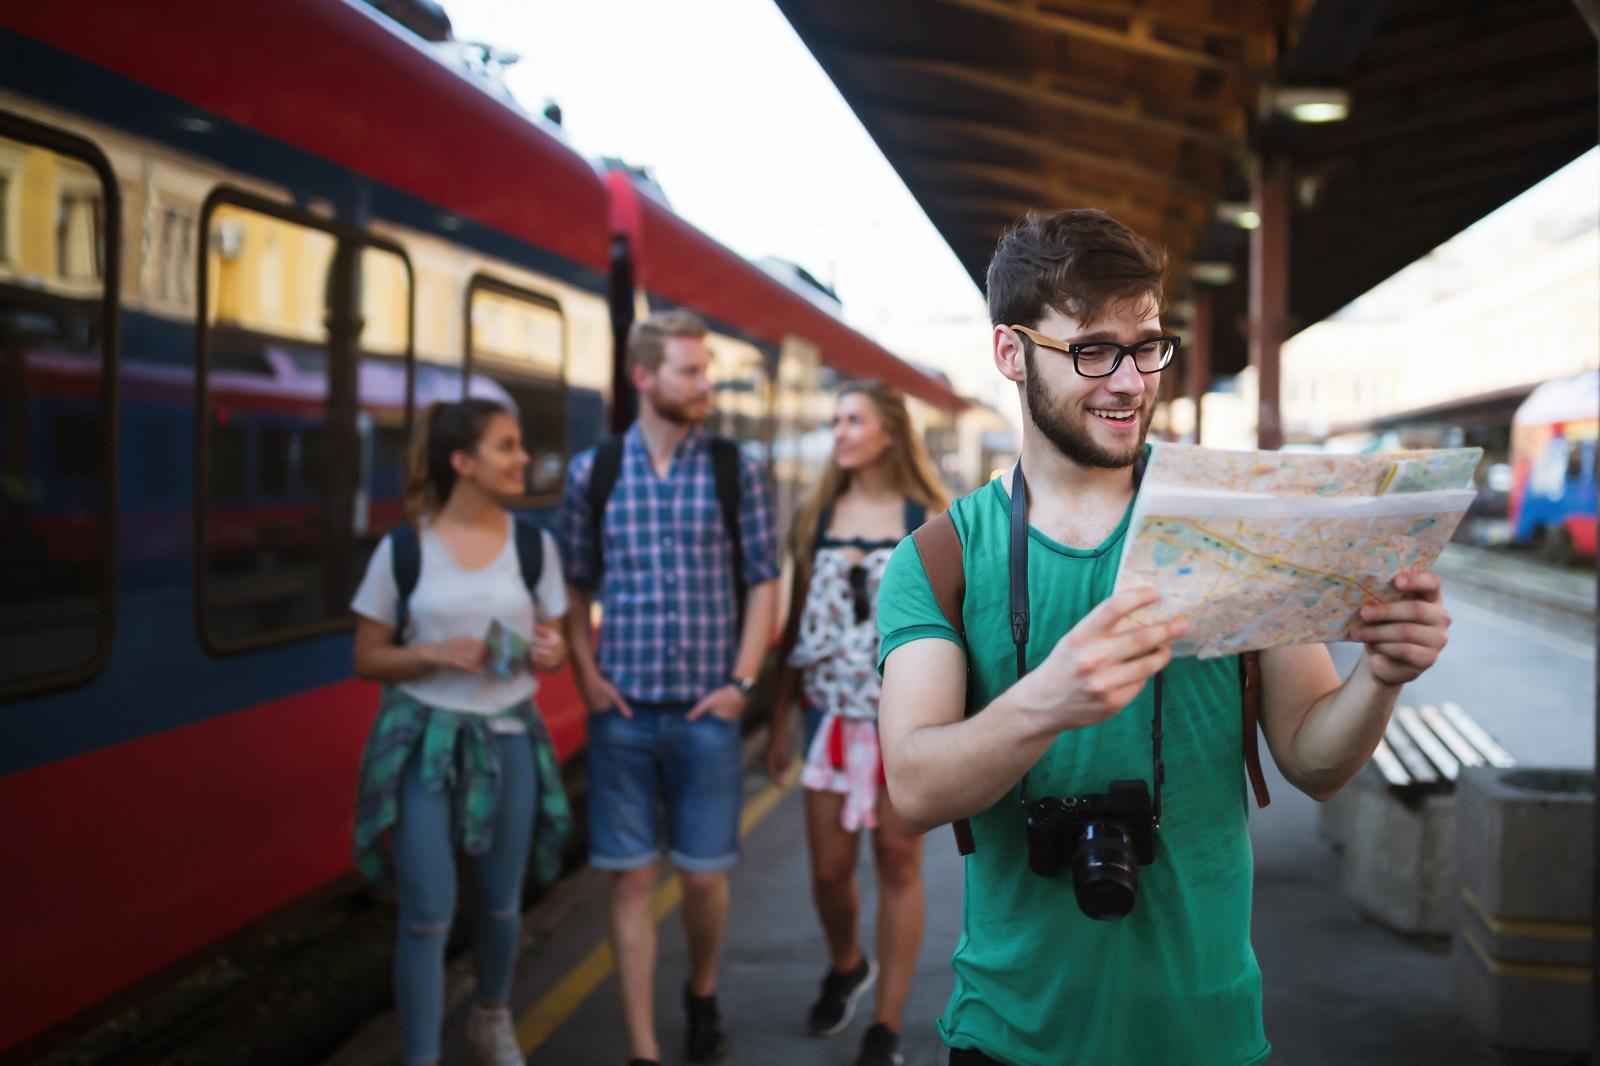 É melhor viajar pela Europa de trem ou de avião?